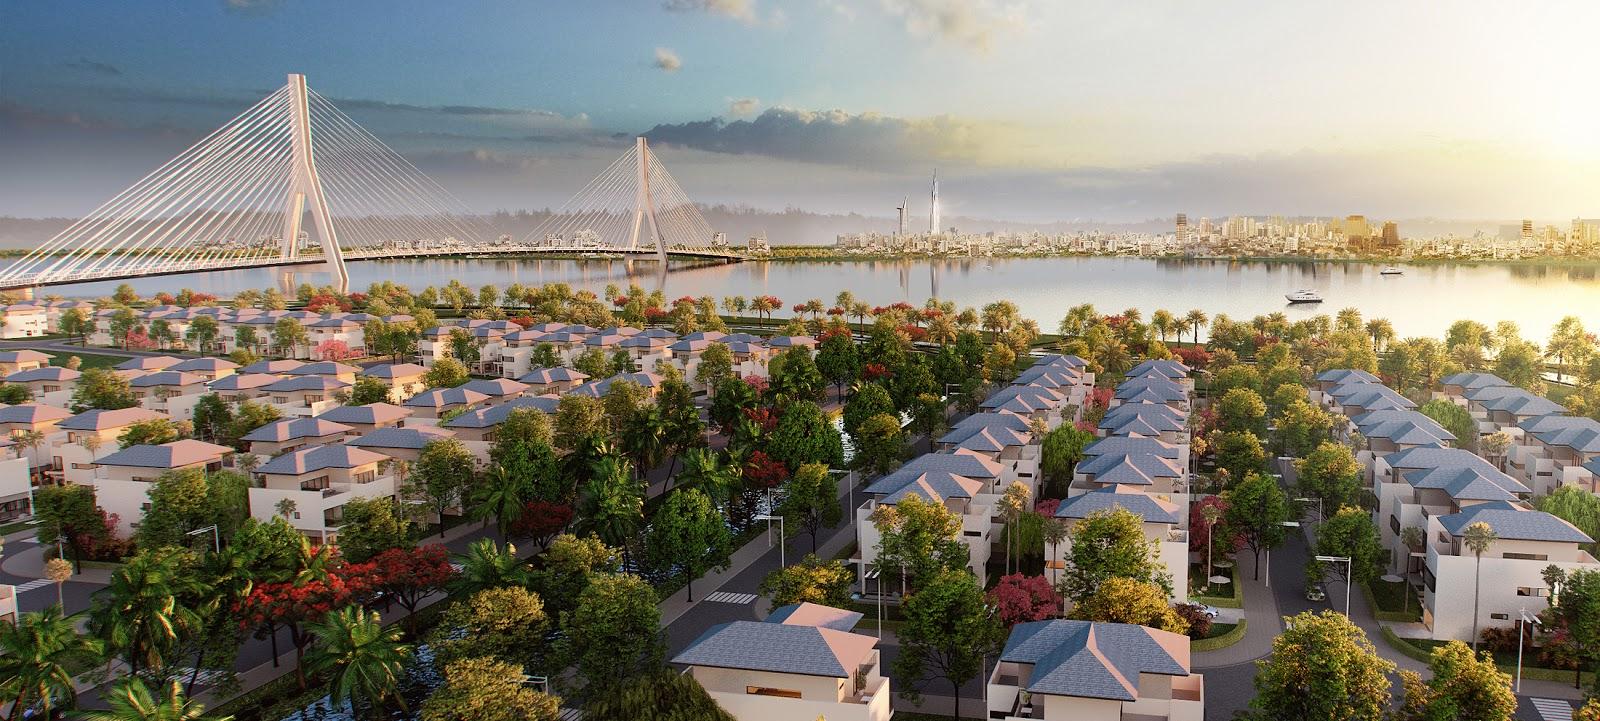 King bay Nhơn Trạch